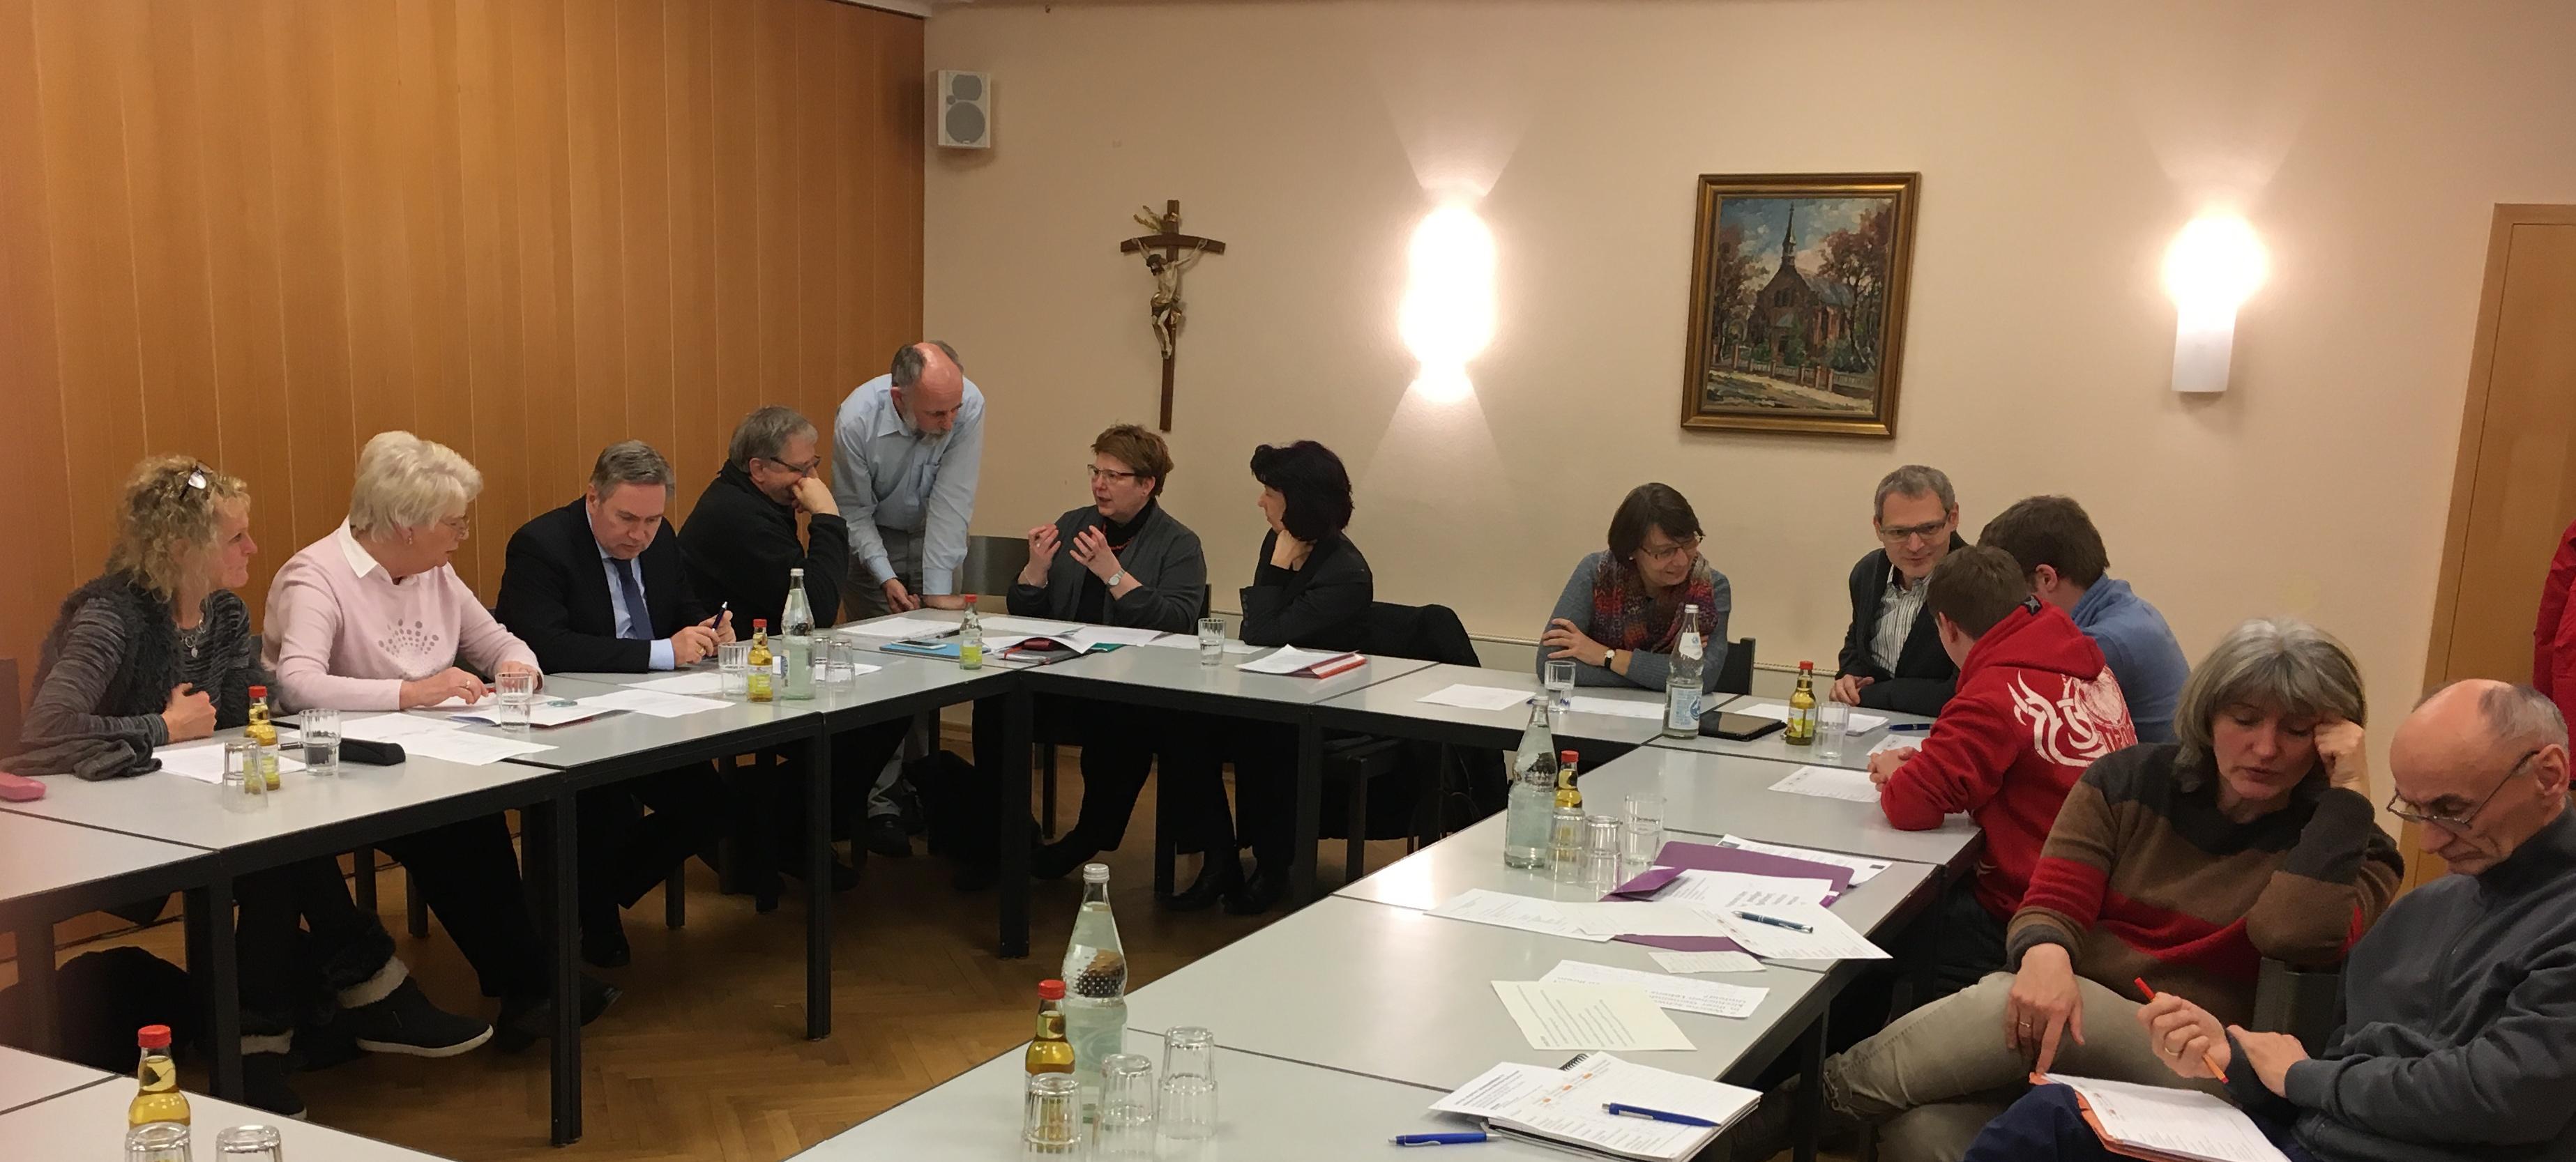 Diskussion über Schwerpunkthemen mit Gremienvertretern von St. Marien Bergedorf